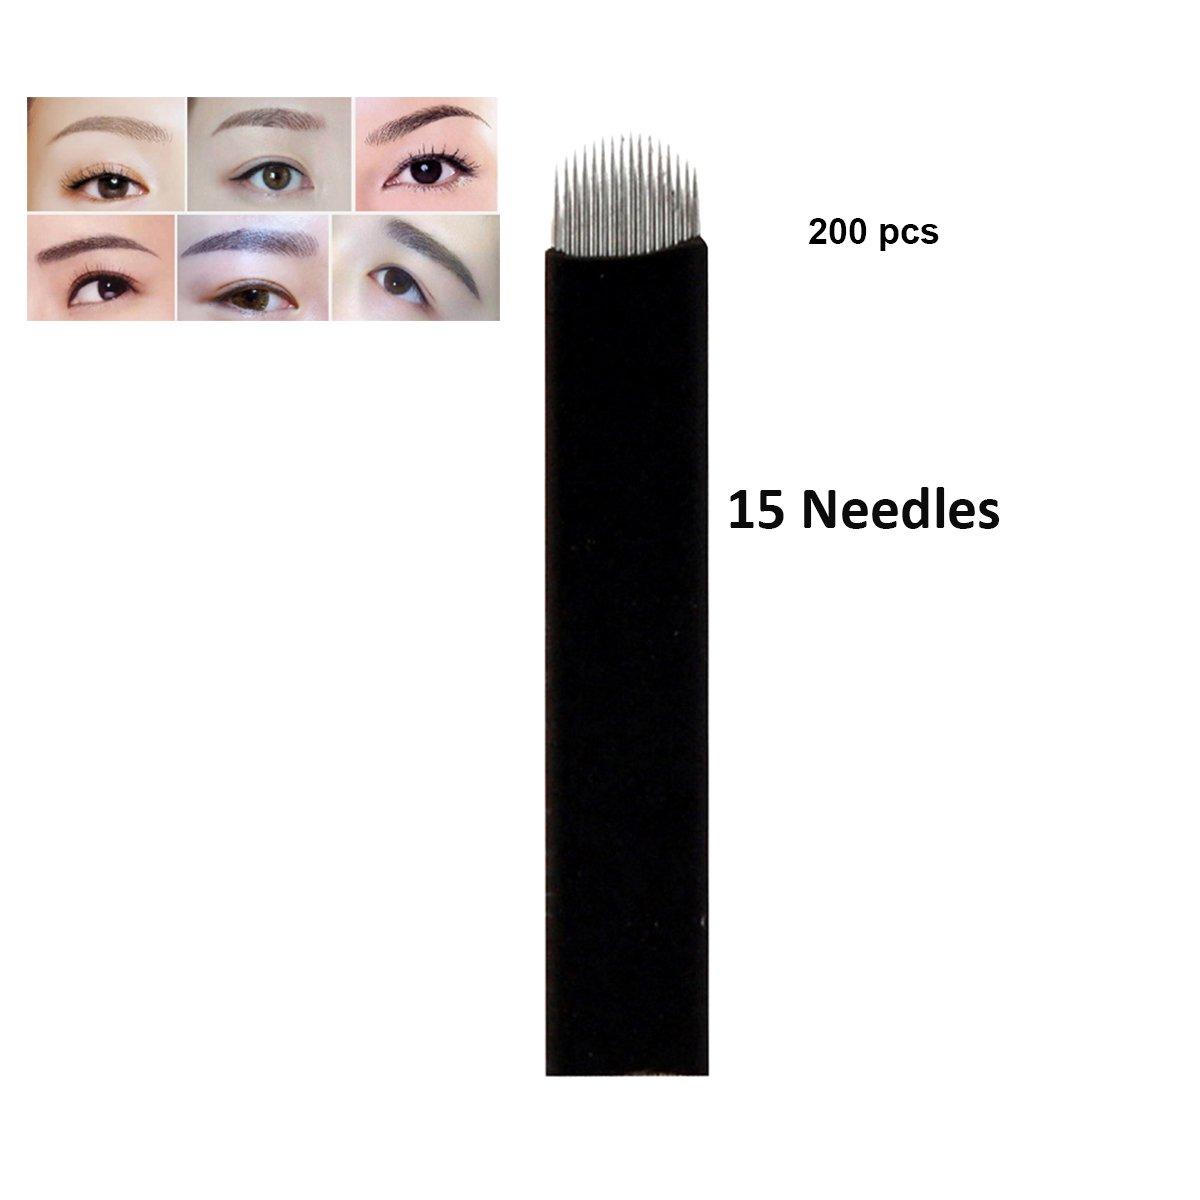 Guapa 200 Unidades en Forma de U 16 y 18 Agujas Negras Hoja de Microblading Aguja de Tatuaje Manual Permanente de Maquillaje Maquillaje (U18)